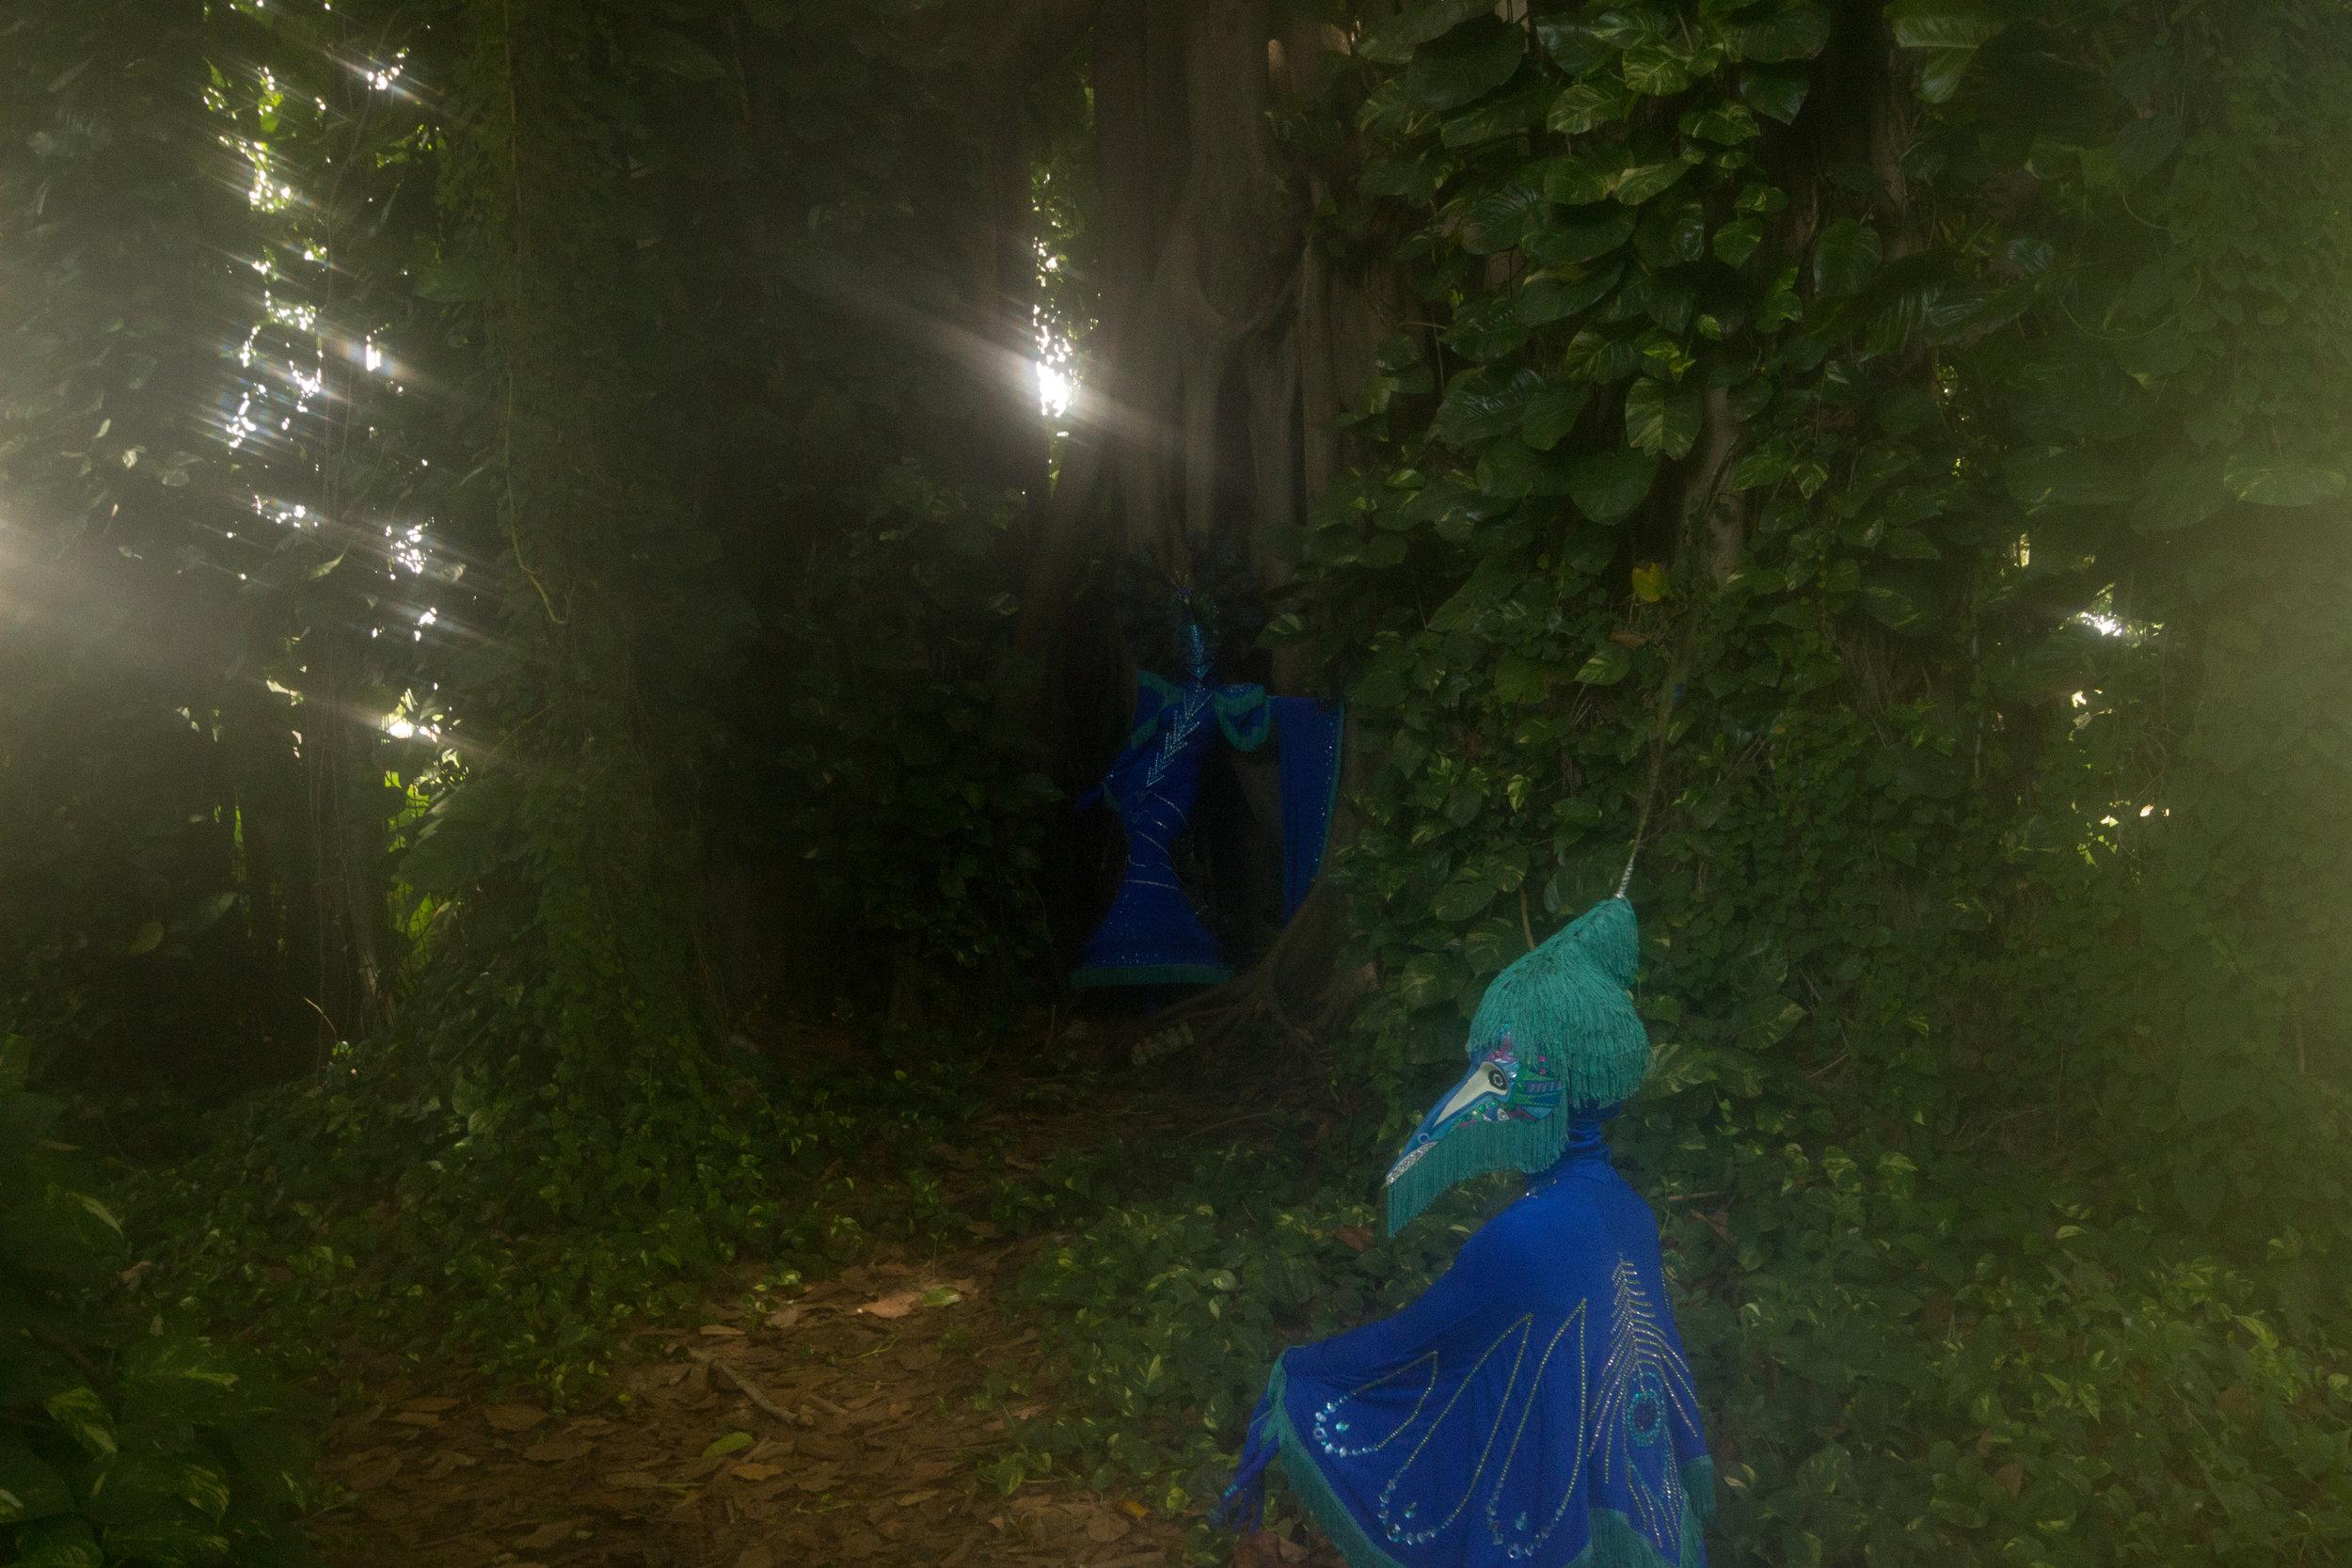 Peacock fairytale-9177.jpg